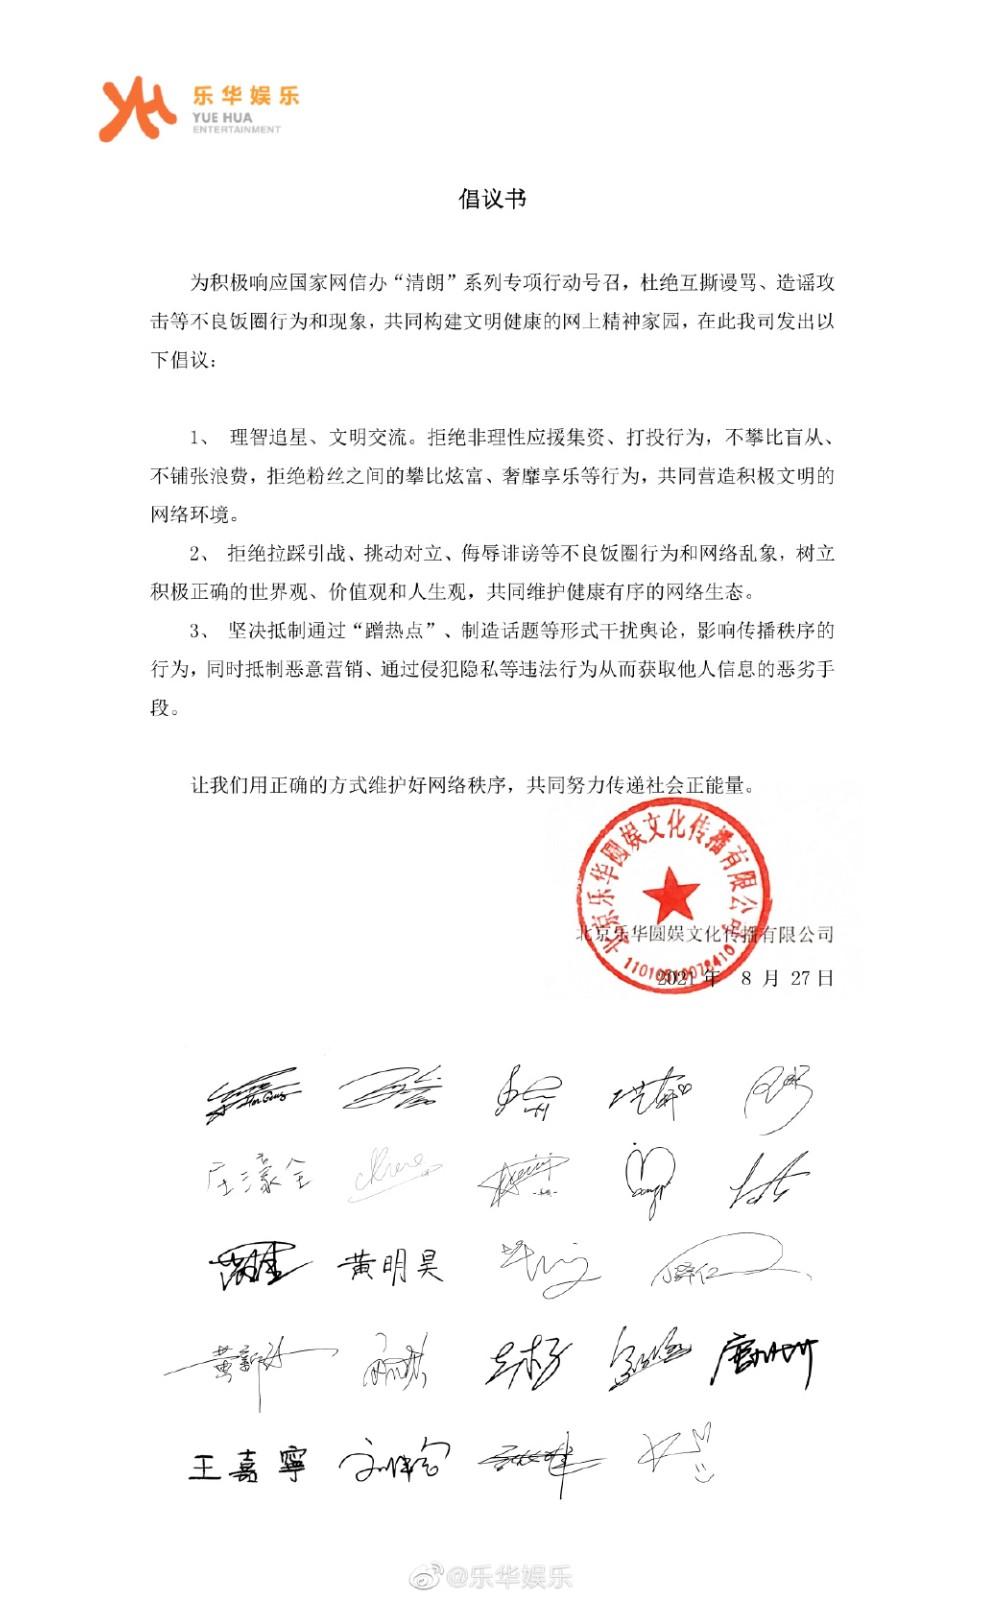 肖战杨紫等多家明星工作室发布理智追星倡议书_图1-7